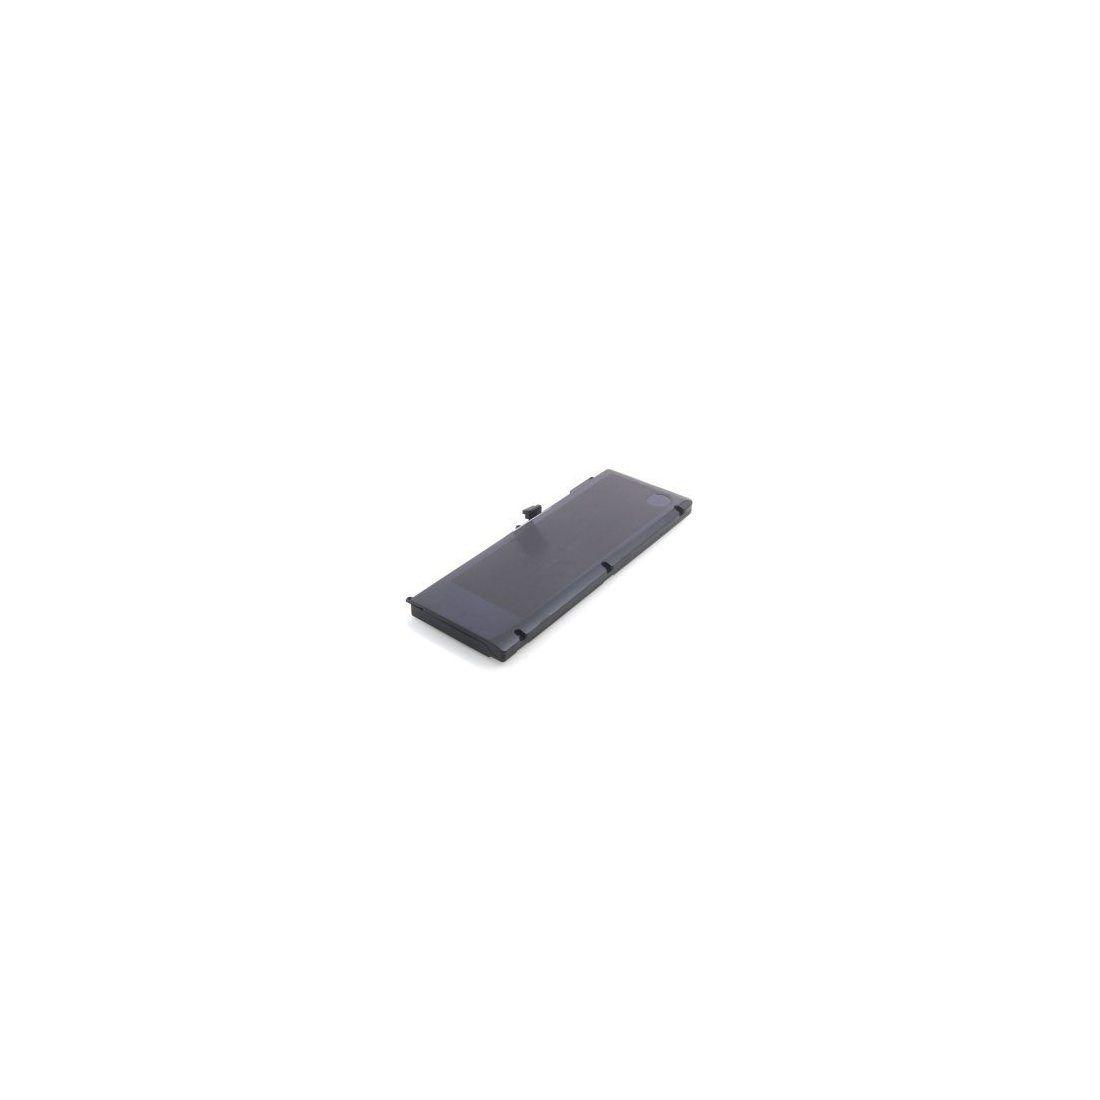 Batterie pour ordinateur portable A1321661–5211661–547610,95V 73Wh pour MacBook Pro 38,1cm 39,1cm A1286(6cellules) N